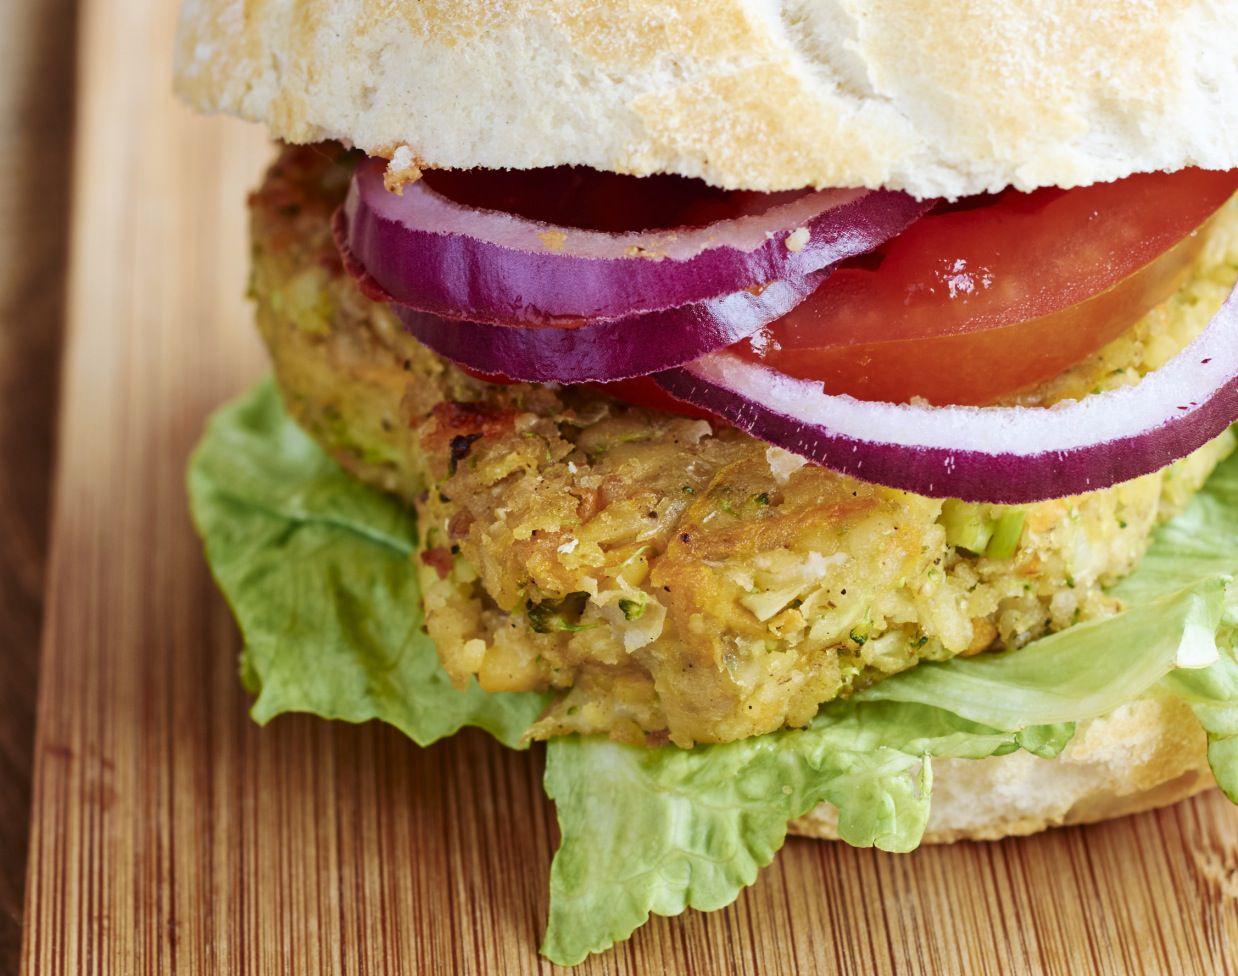 easy black bean burgers recipe vegetarian and vegan